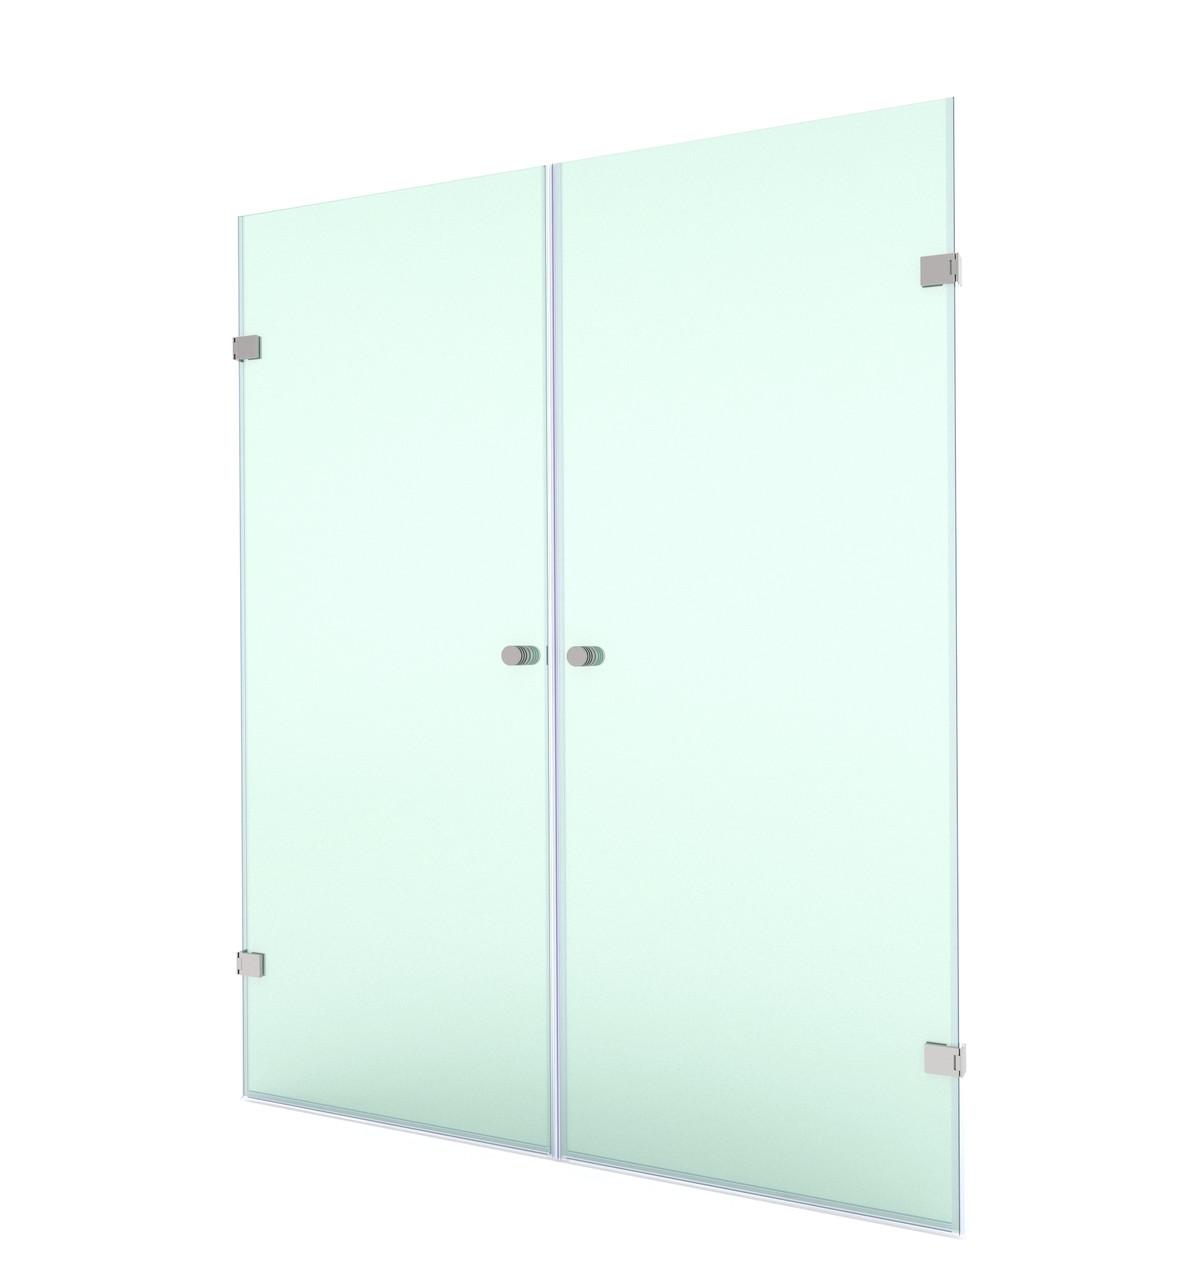 Распашная душевая дверь в нишу, модели SD-02-08